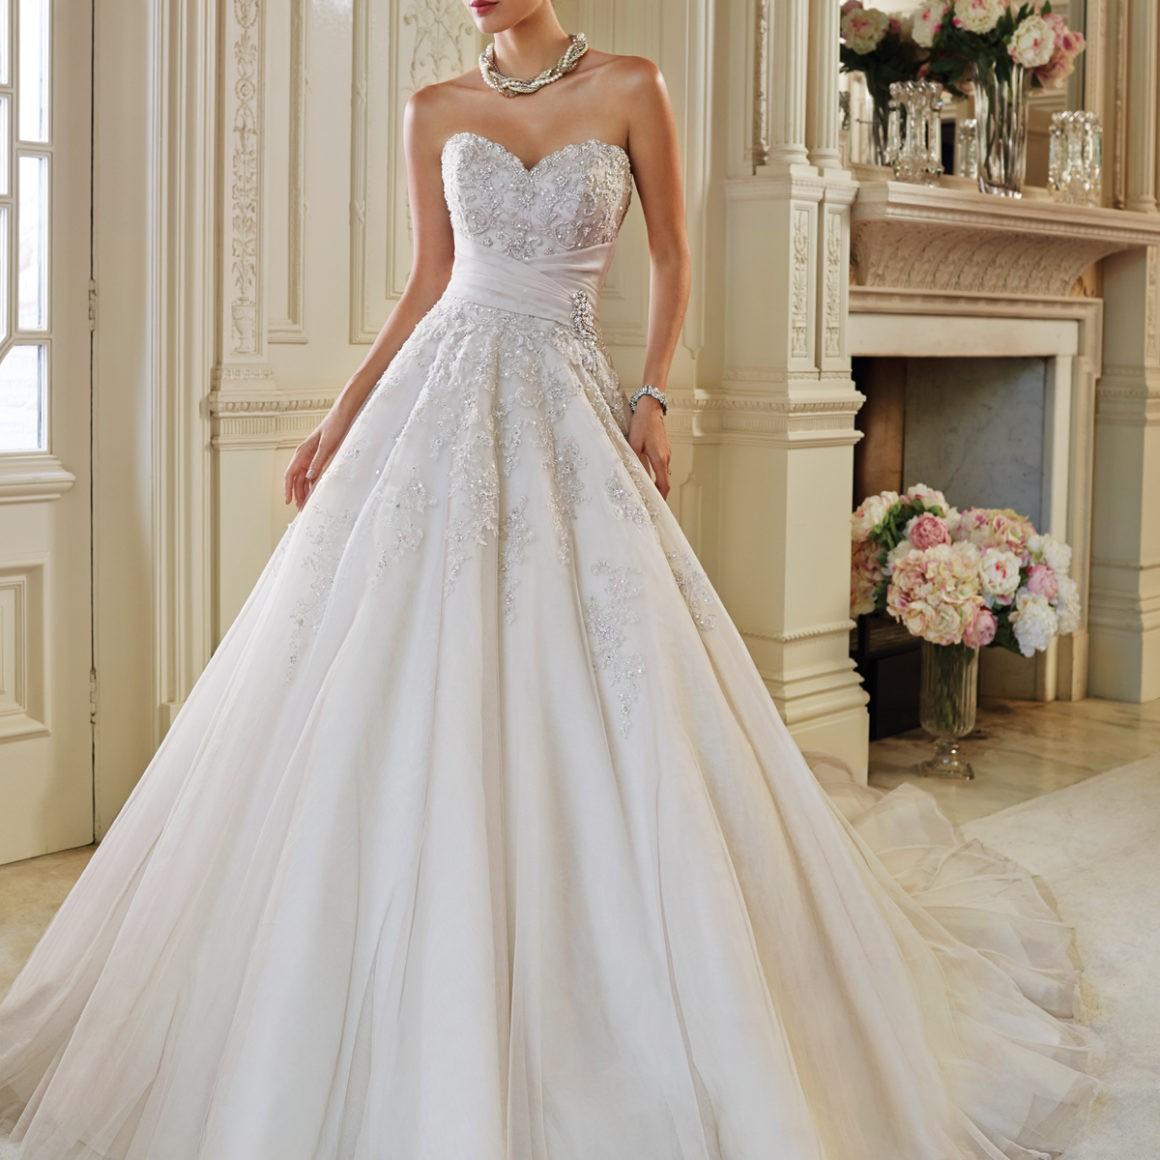 Sophia Tolli Ida Sample Wedding Dress On Sale 50% Off